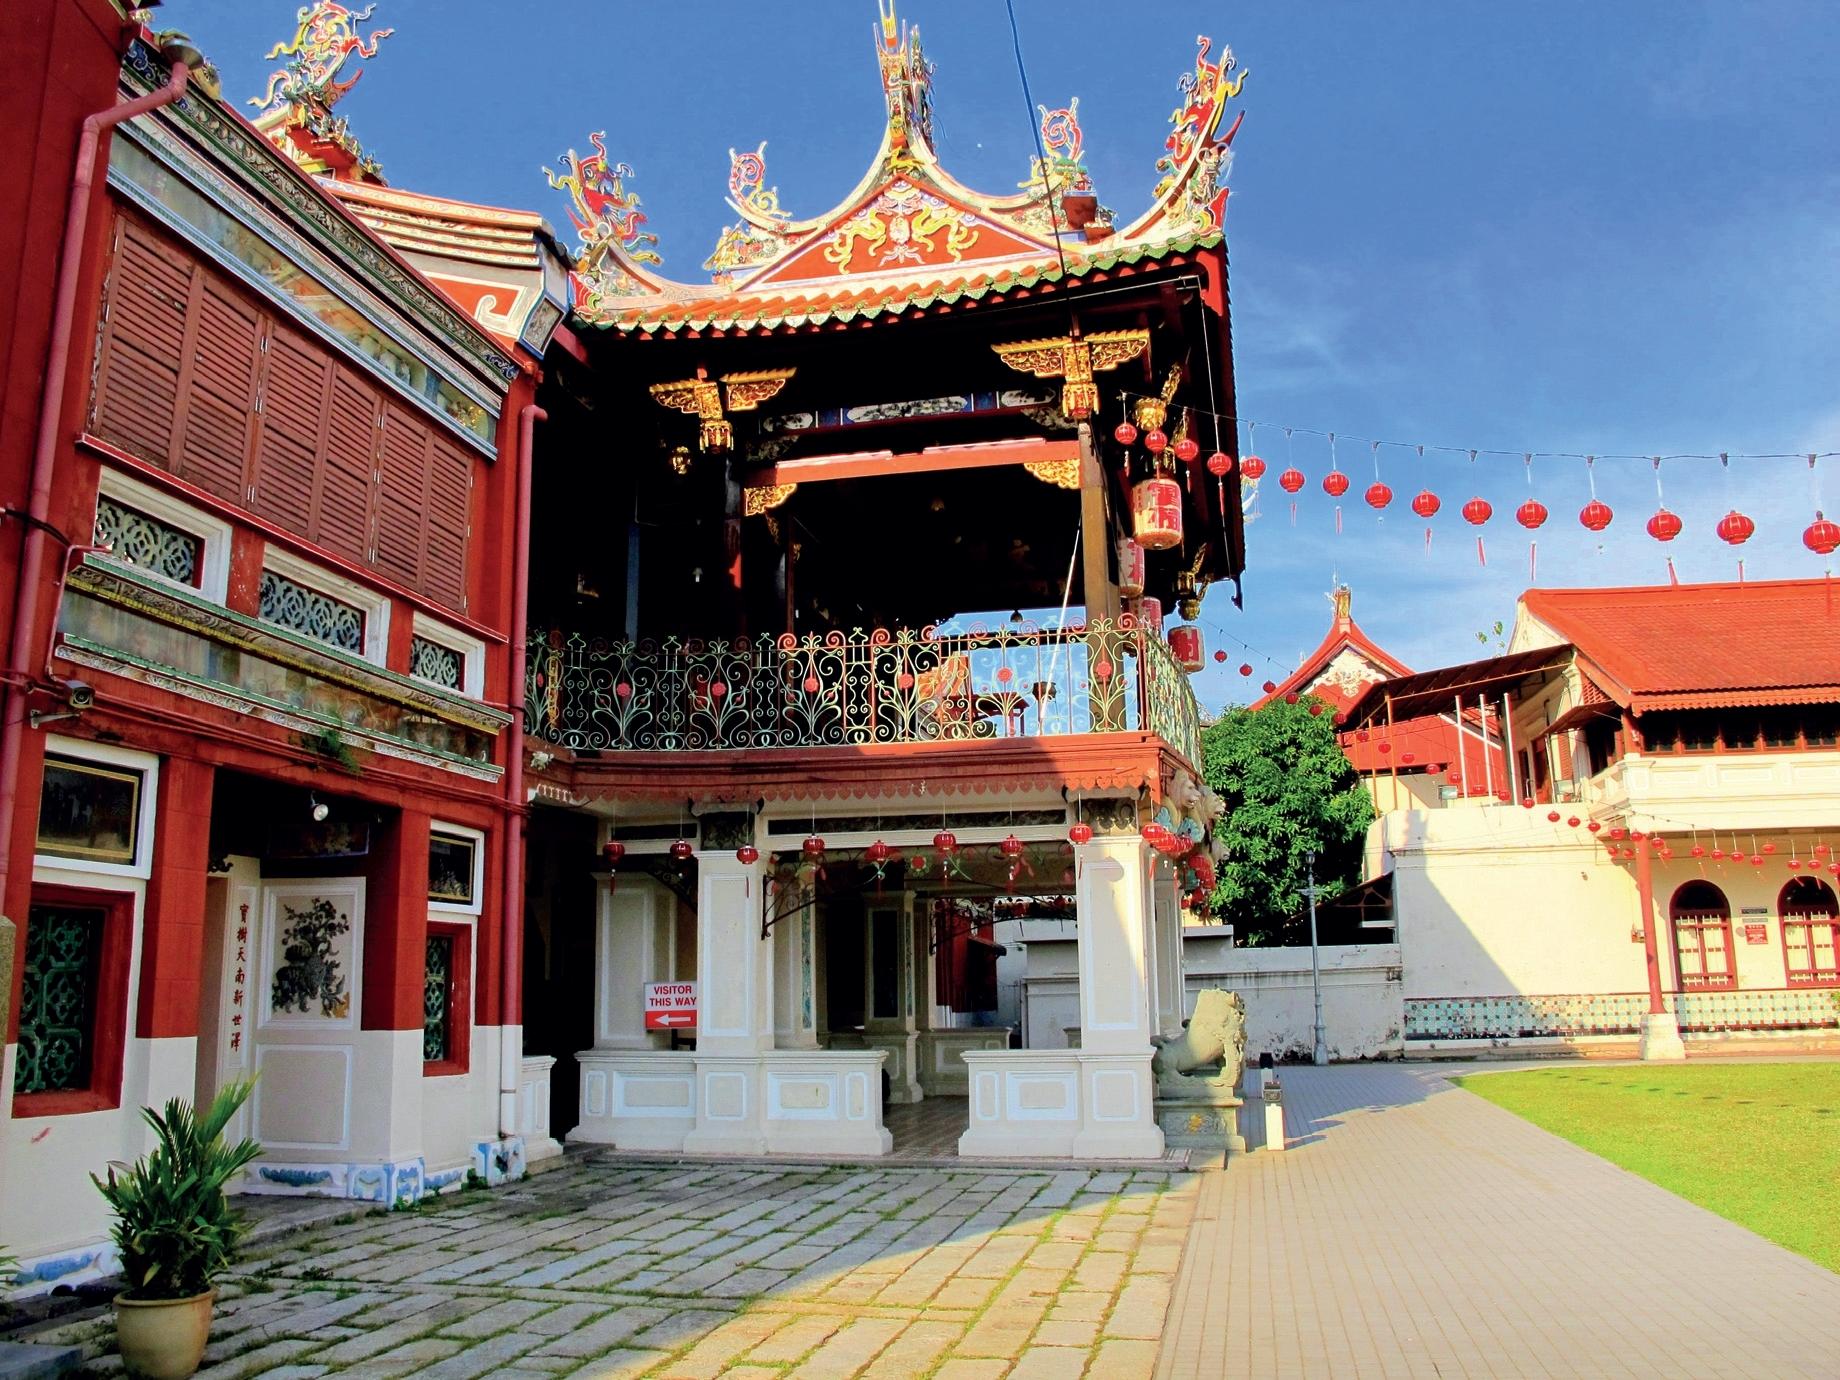 Cheah Kongsi grounds